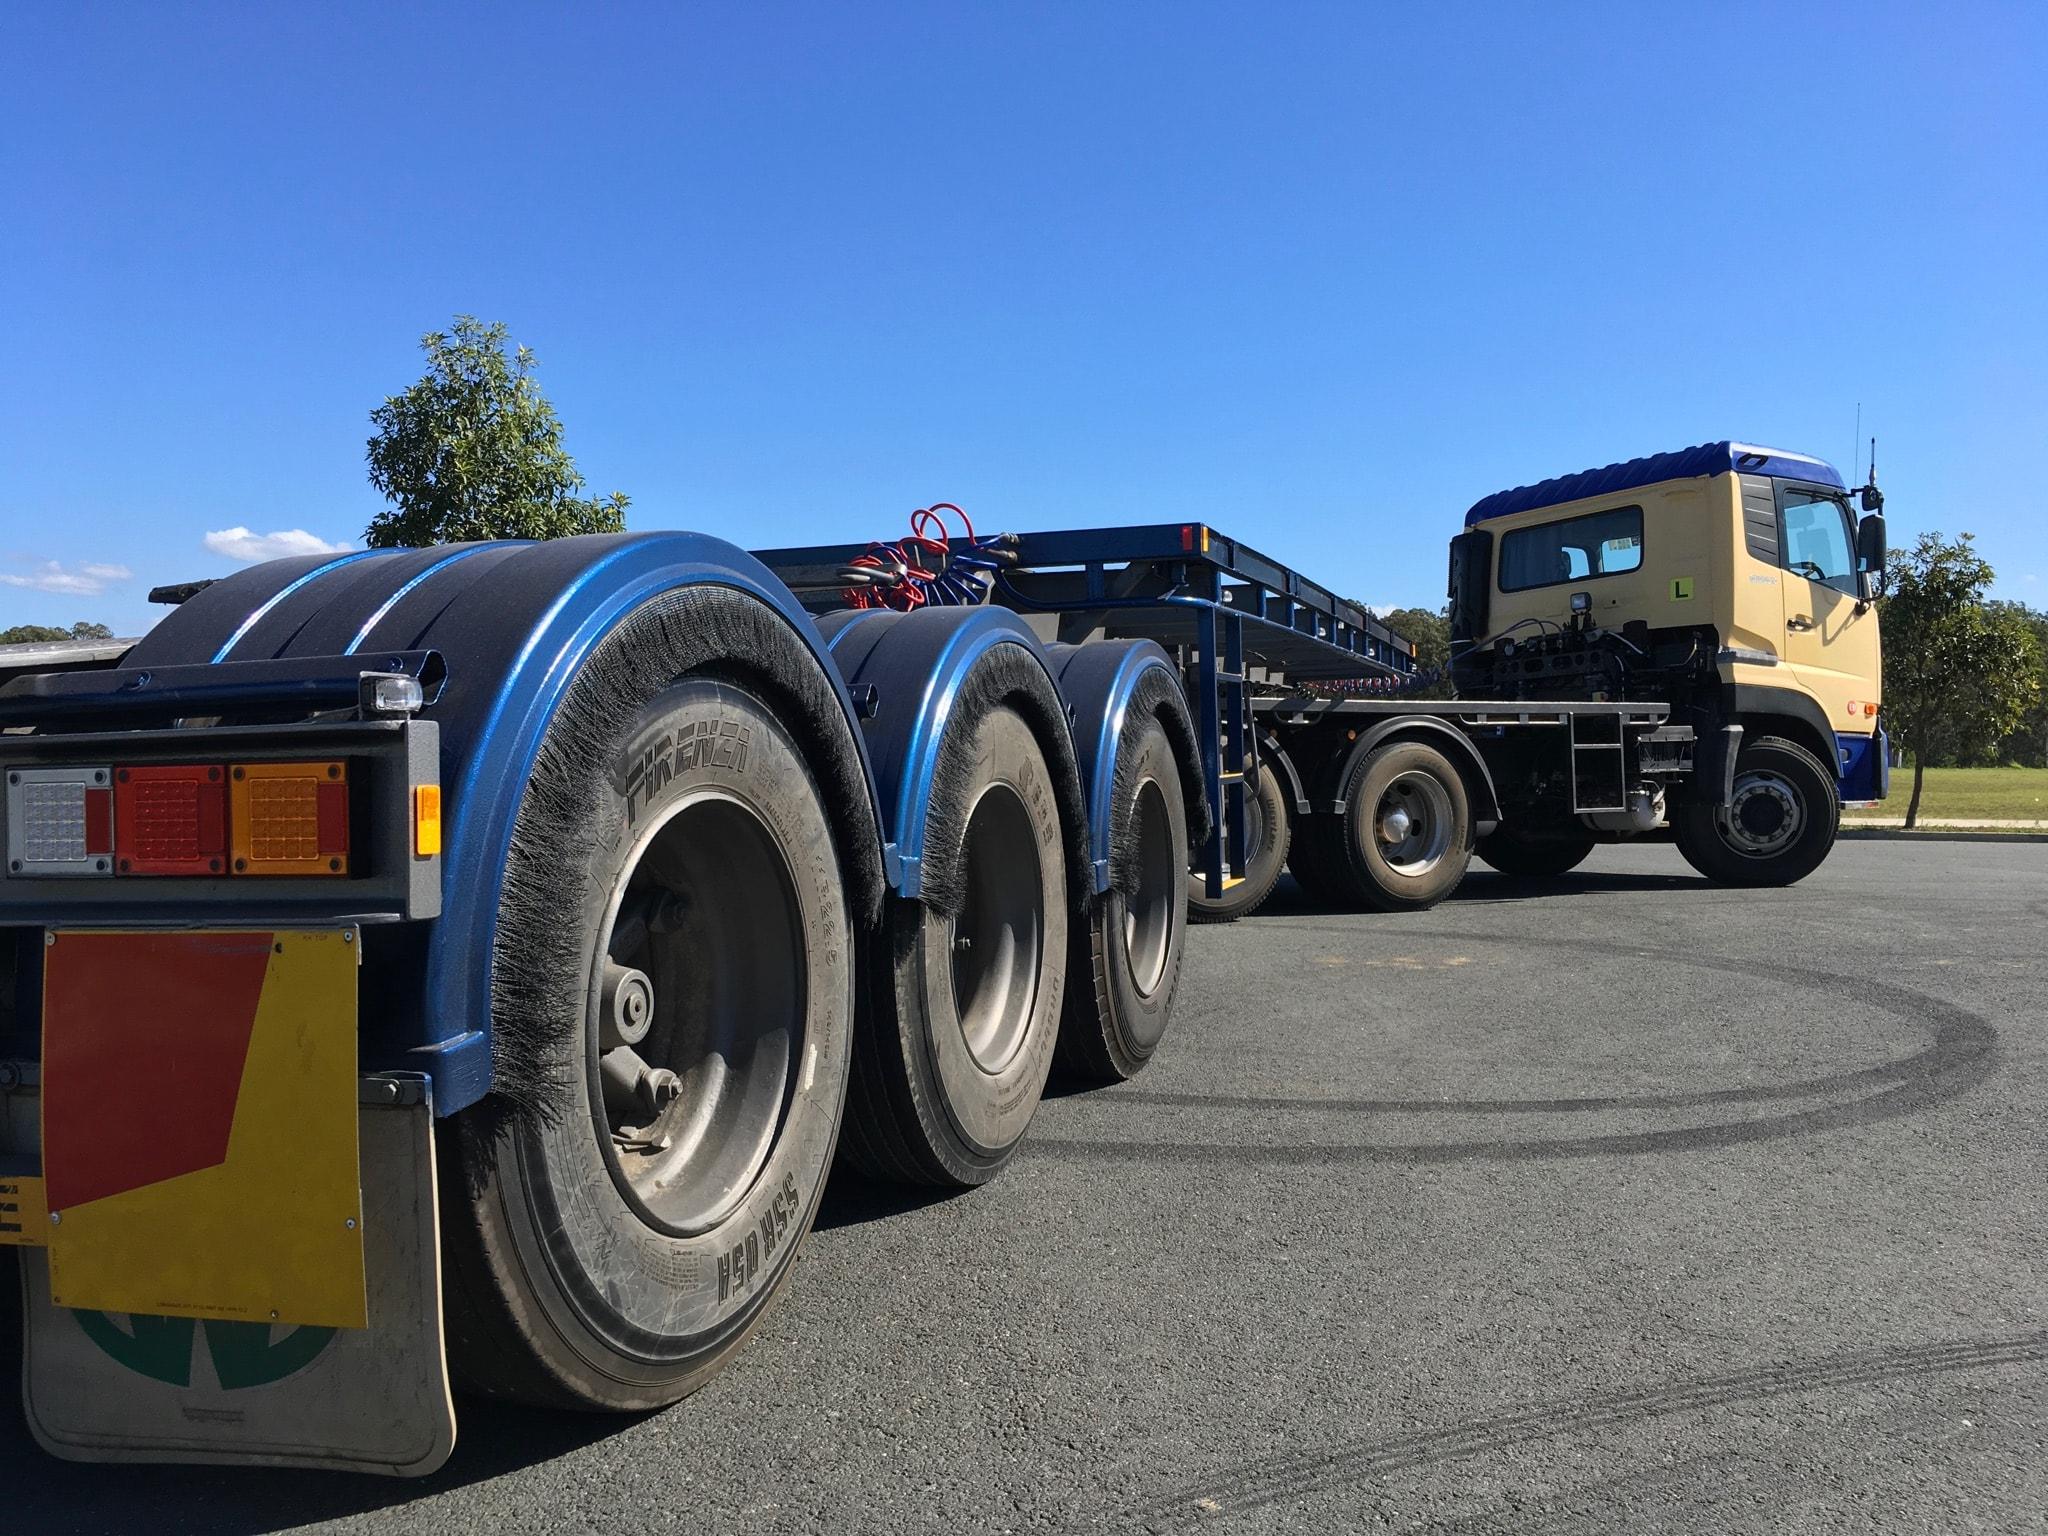 Truck Driving School Brisbane - Ian Watson's